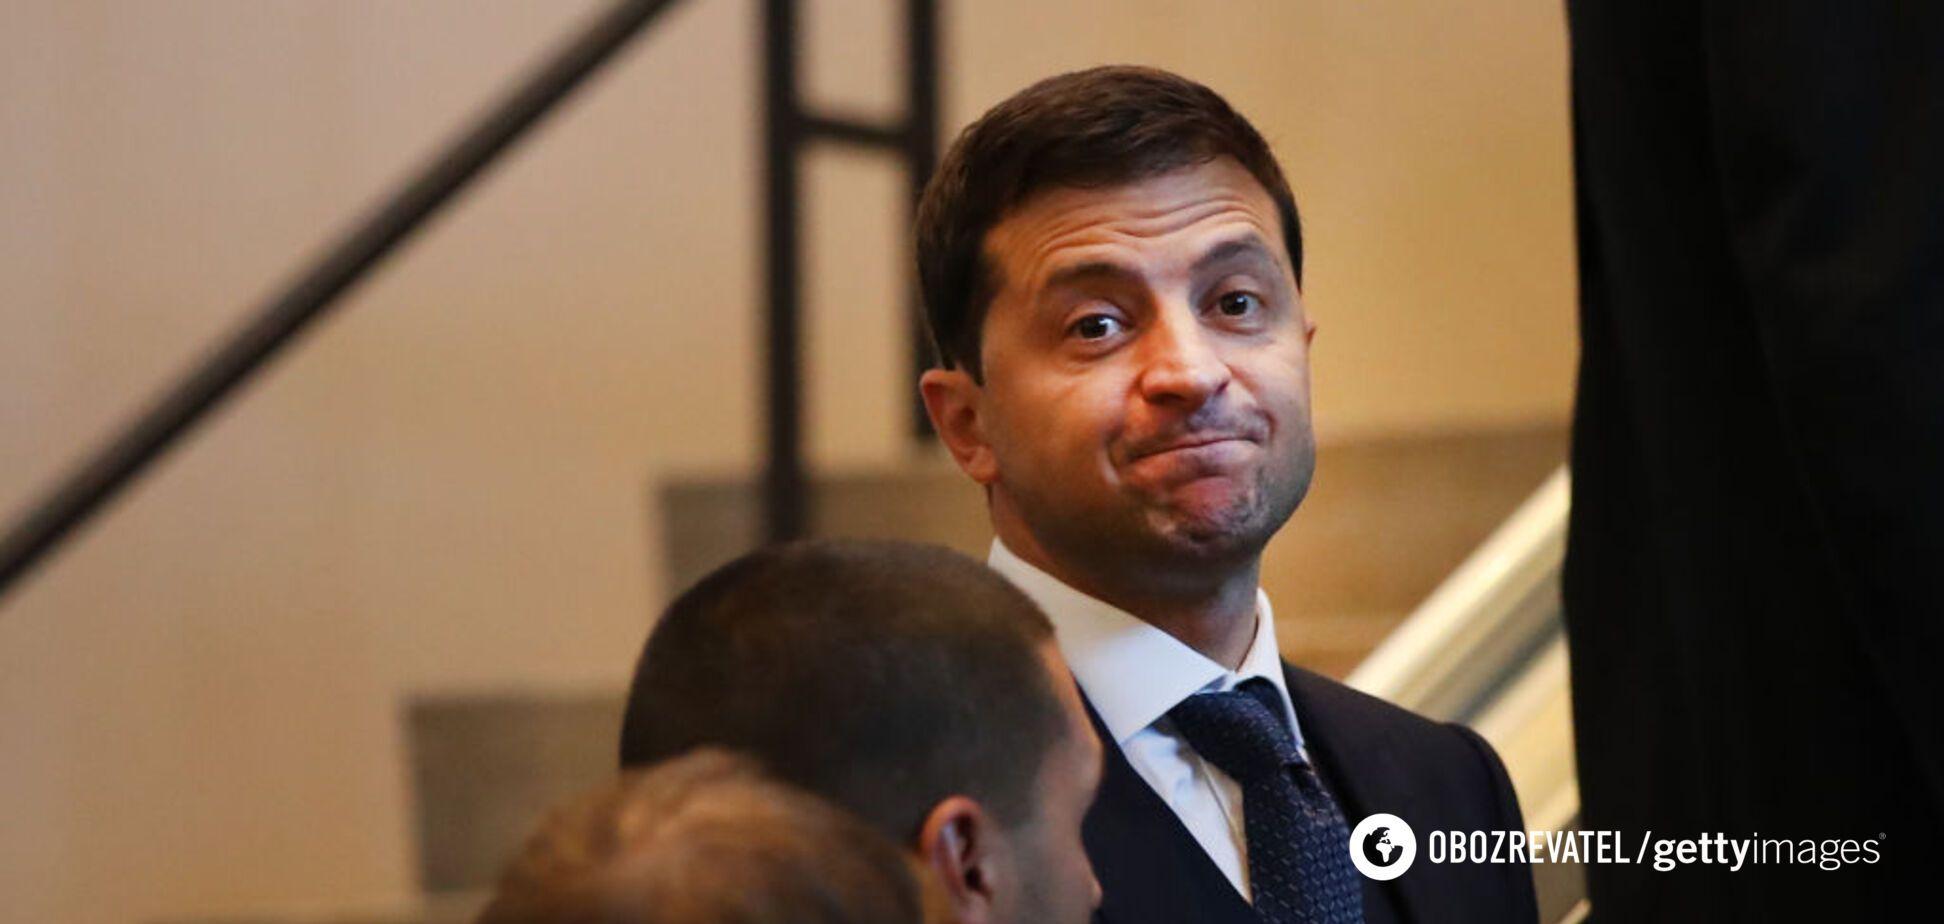 Рейтинг Зеленського та 'Слуги народу' різко впав: свіжі результати опитування